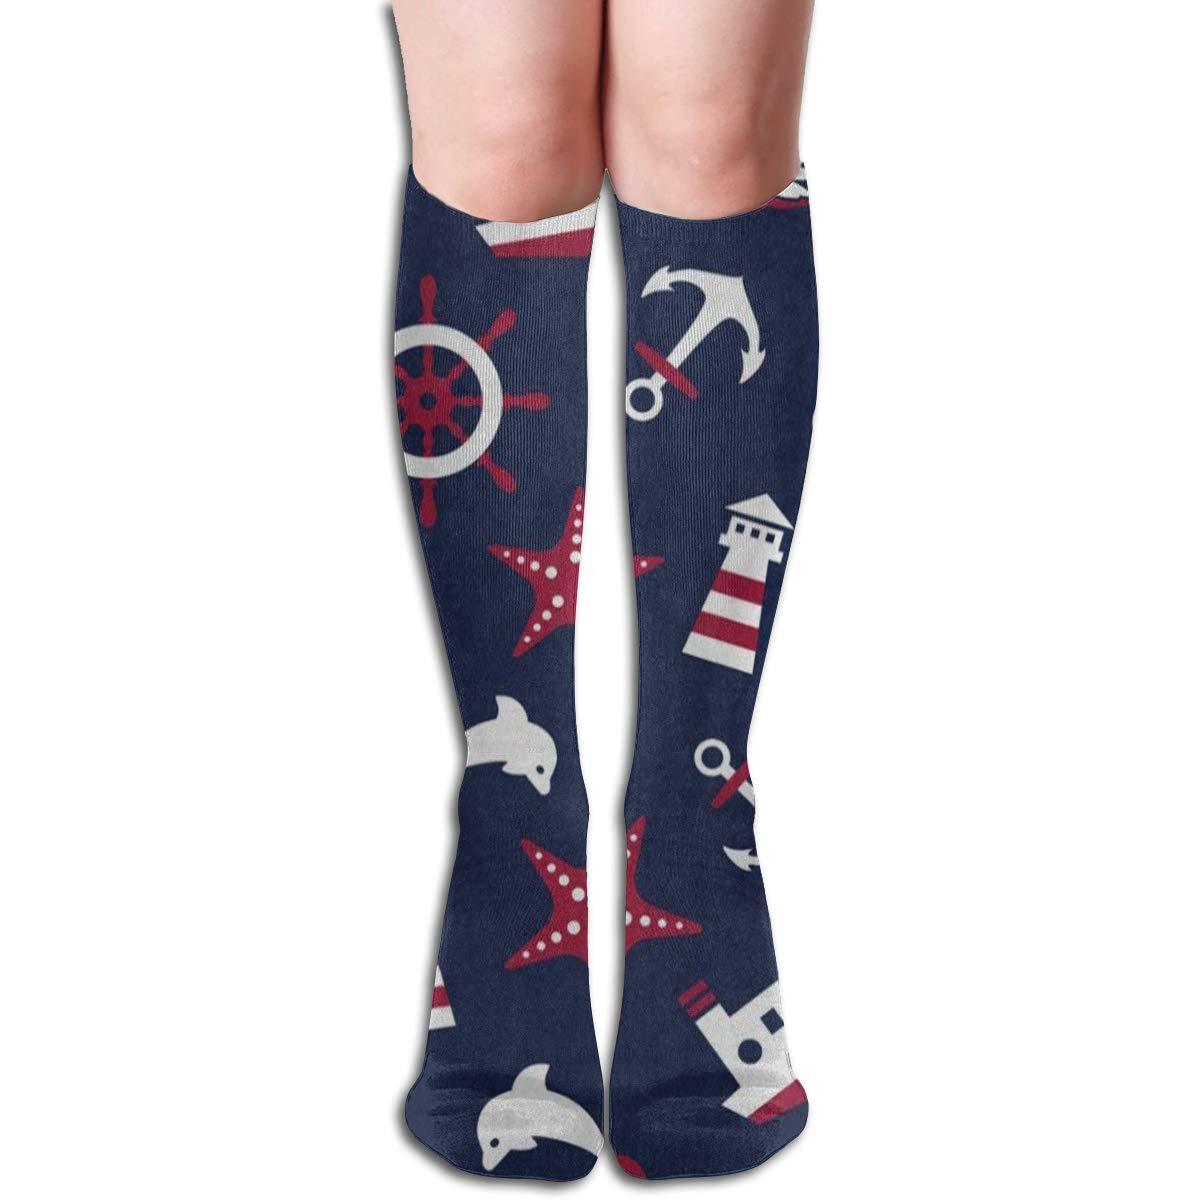 High Elasticity Girl Cotton Knee High Socks Uniform Cherry Flying Pattern Women Tube Socks